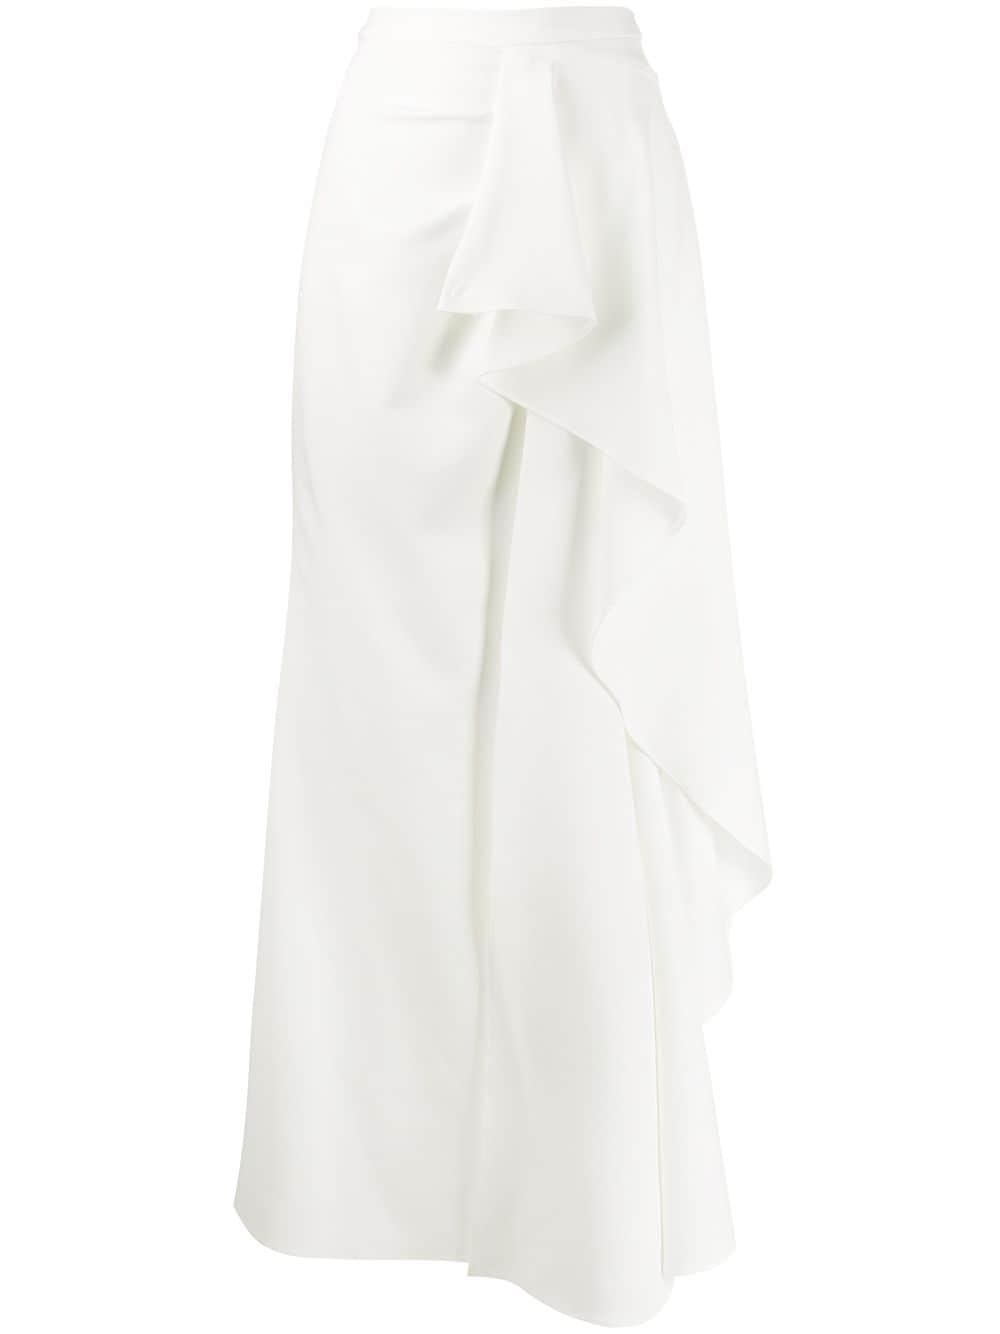 Avaro Figlio asymmetric draped detail skirt